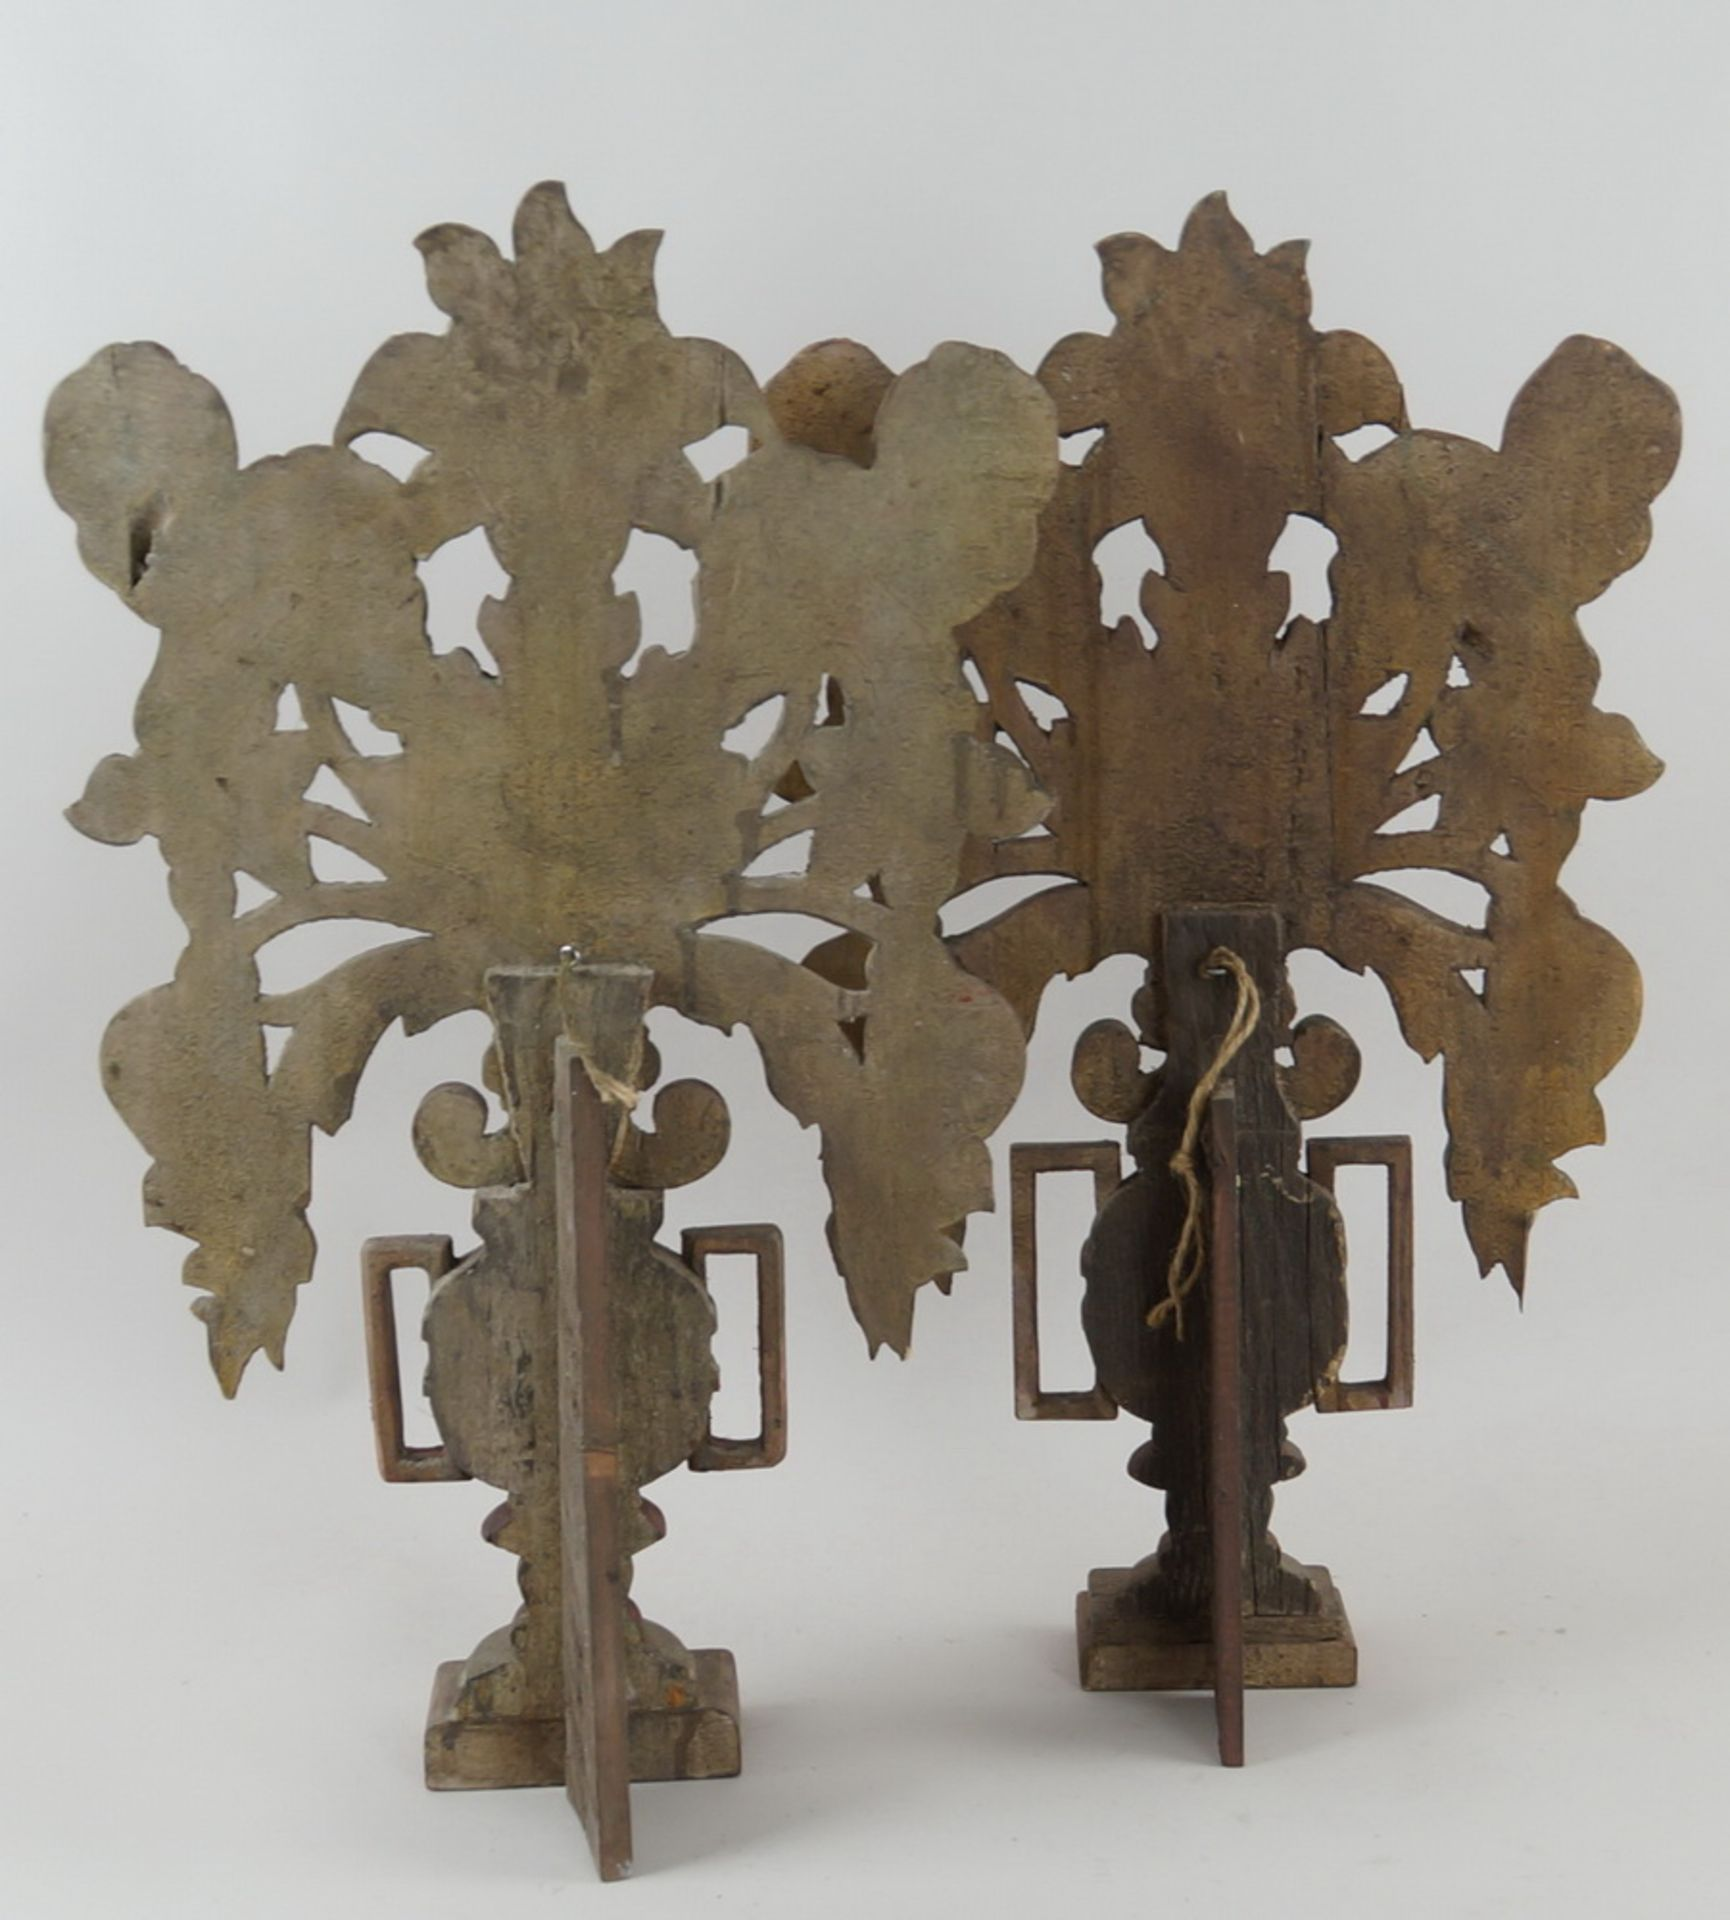 Paar bäuerliche Maiblumen / Altarvasen, Holz geschnitzt und gefasst, 63x35x13cm - Bild 6 aus 6